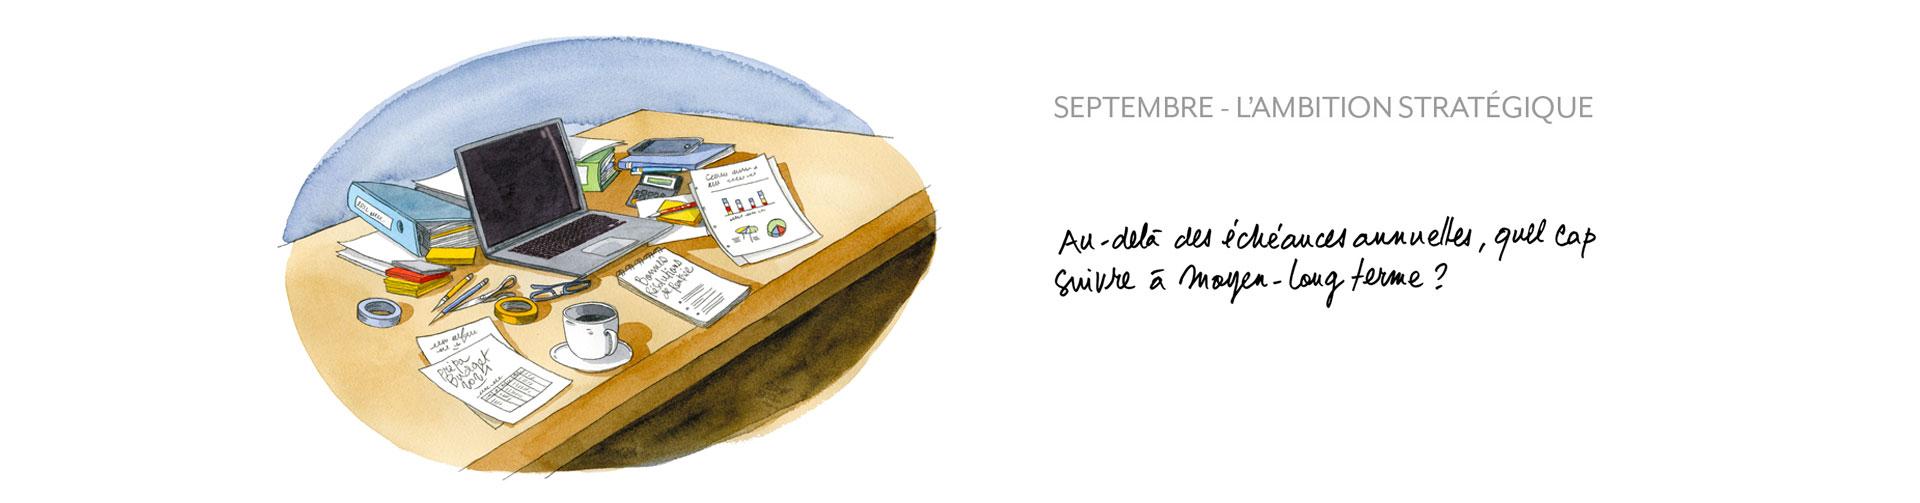 Adrien Stratégie slide Calendrier 2020 mois de septembre